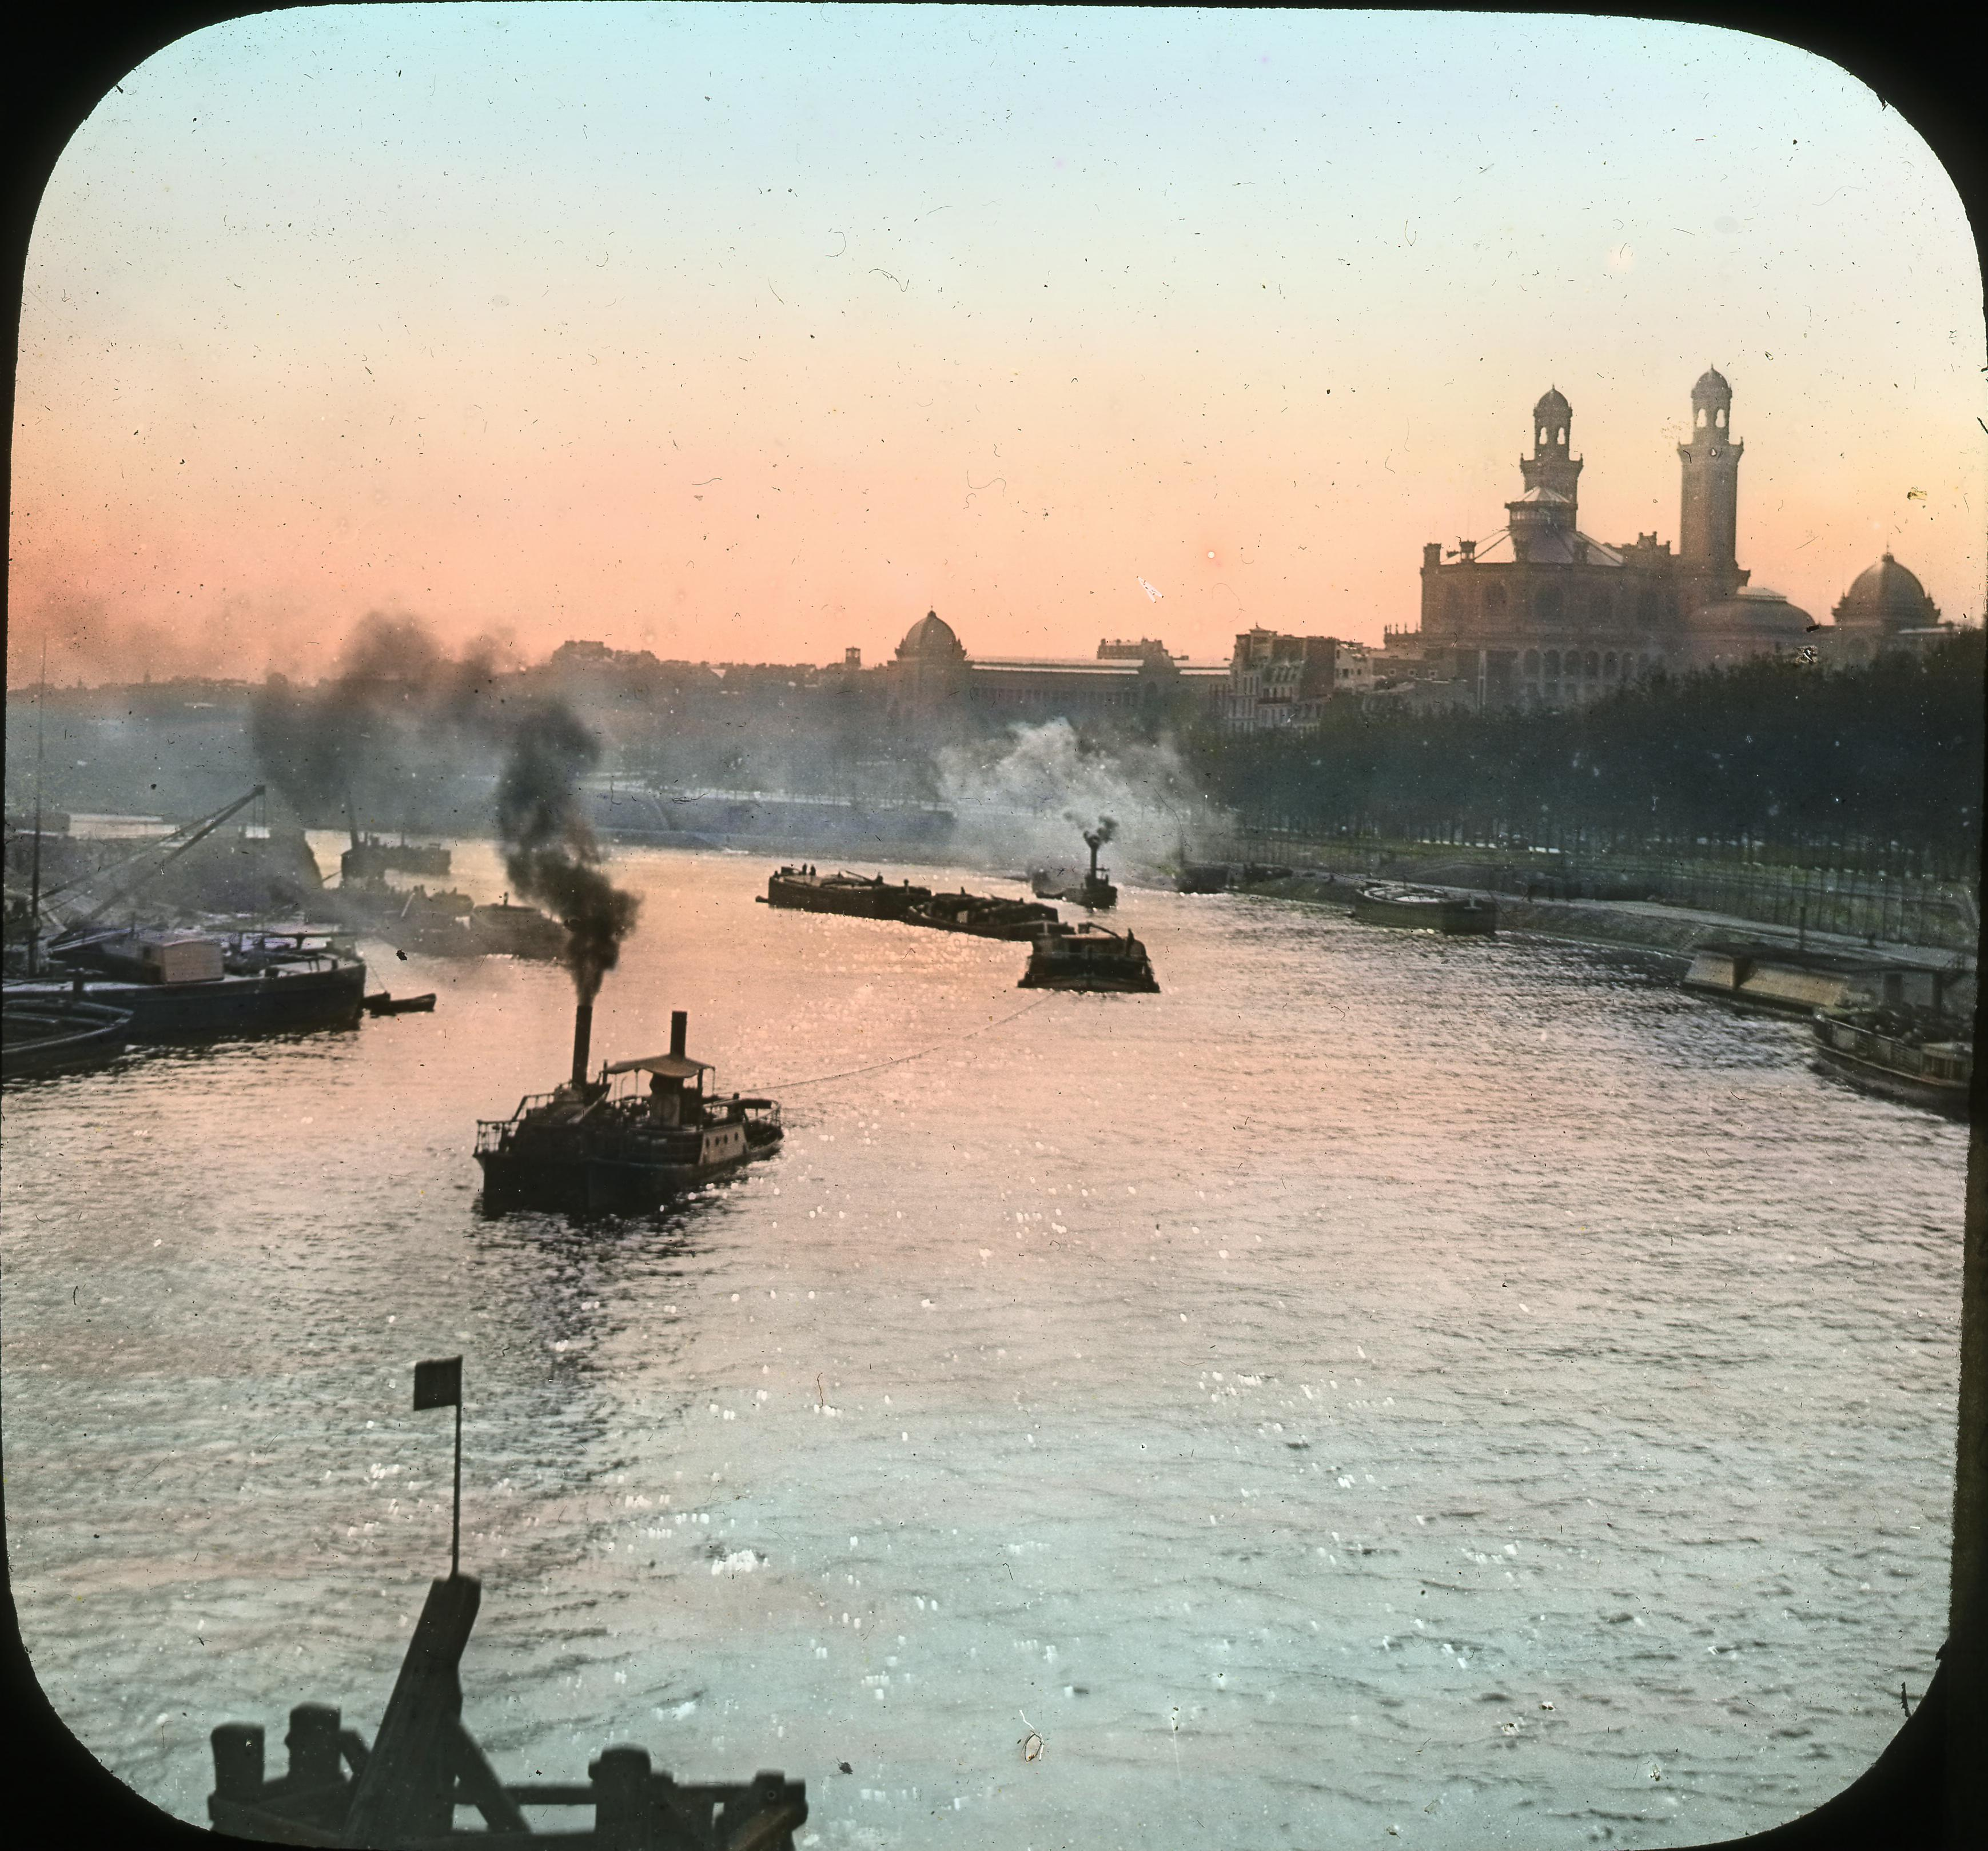 Лодки на реке Сена, с Трокадеро на заднем плане